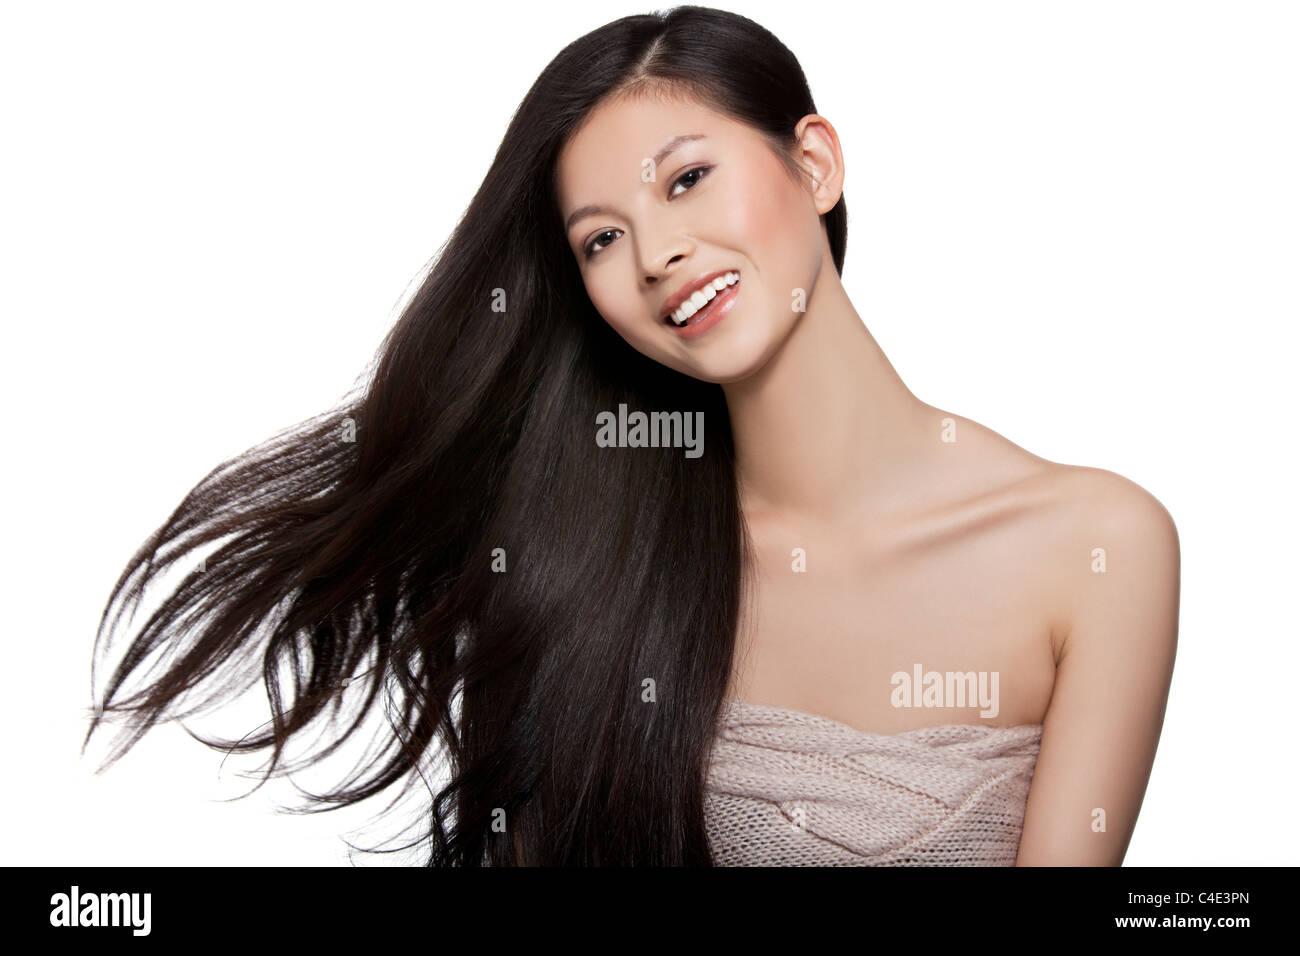 Jeune femme aux cheveux longs qui souffle dans l'air Photo Stock